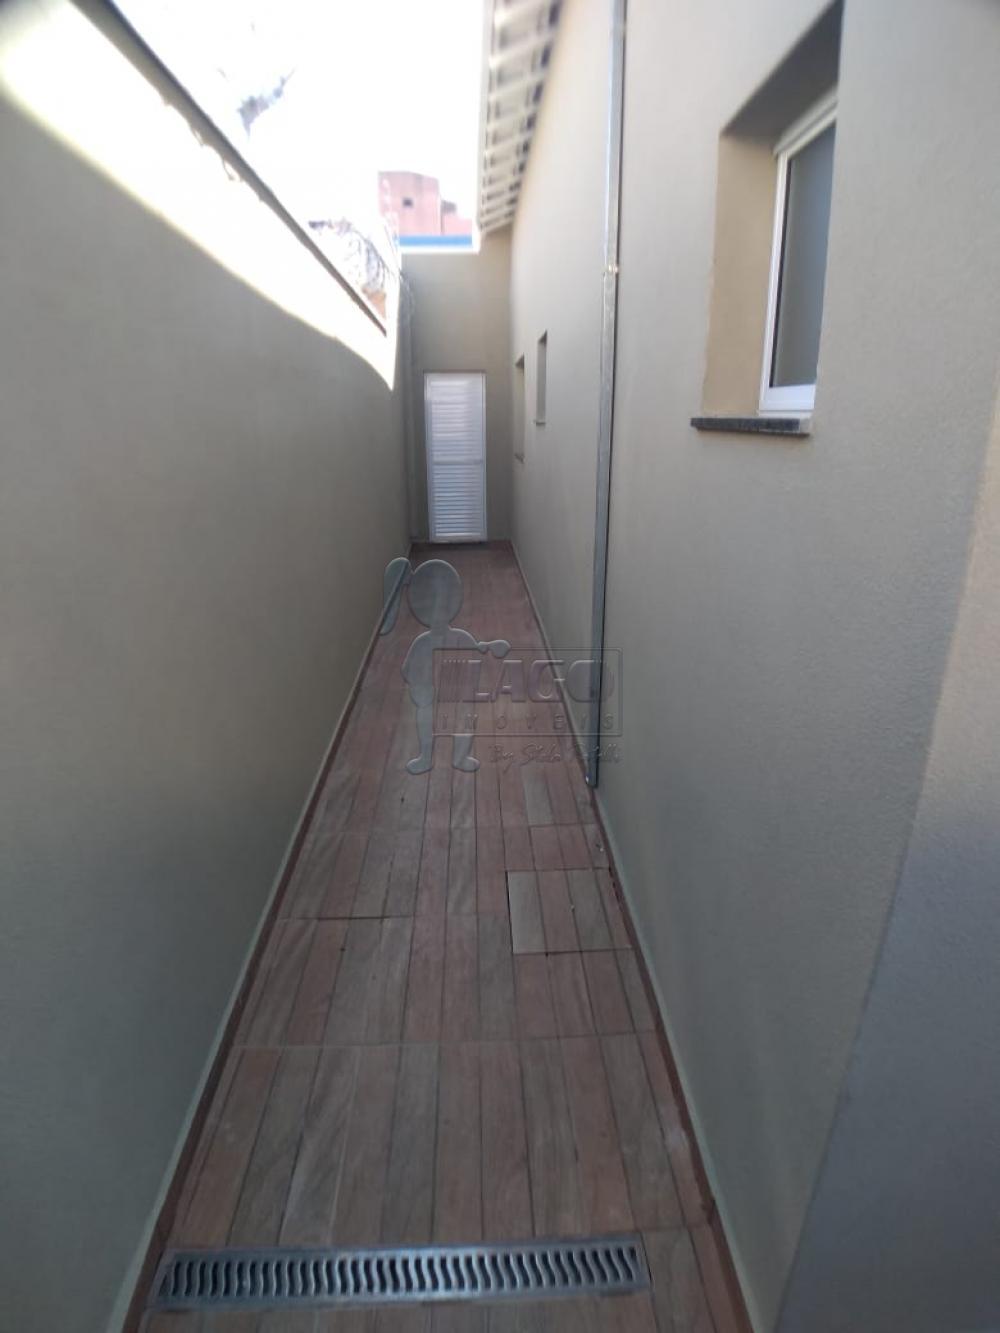 Alugar Casas / Padrão em Ribeirão Preto apenas R$ 1.200,00 - Foto 8